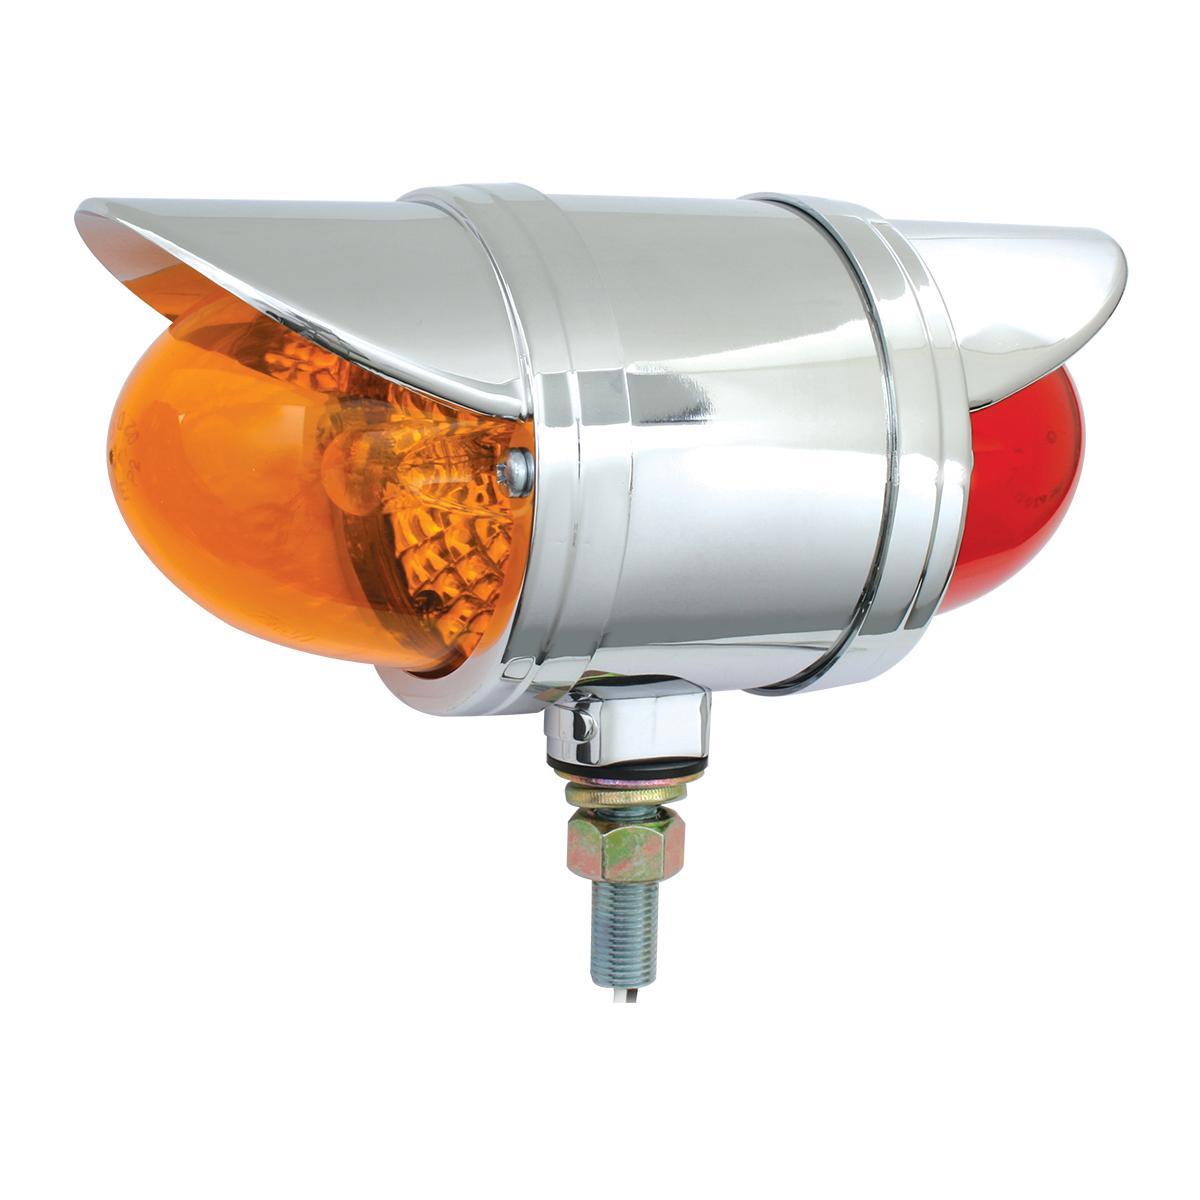 #78071 Double Face Chrome Die Cast Spyder Pedestal Light w/Visor - Amber/Red